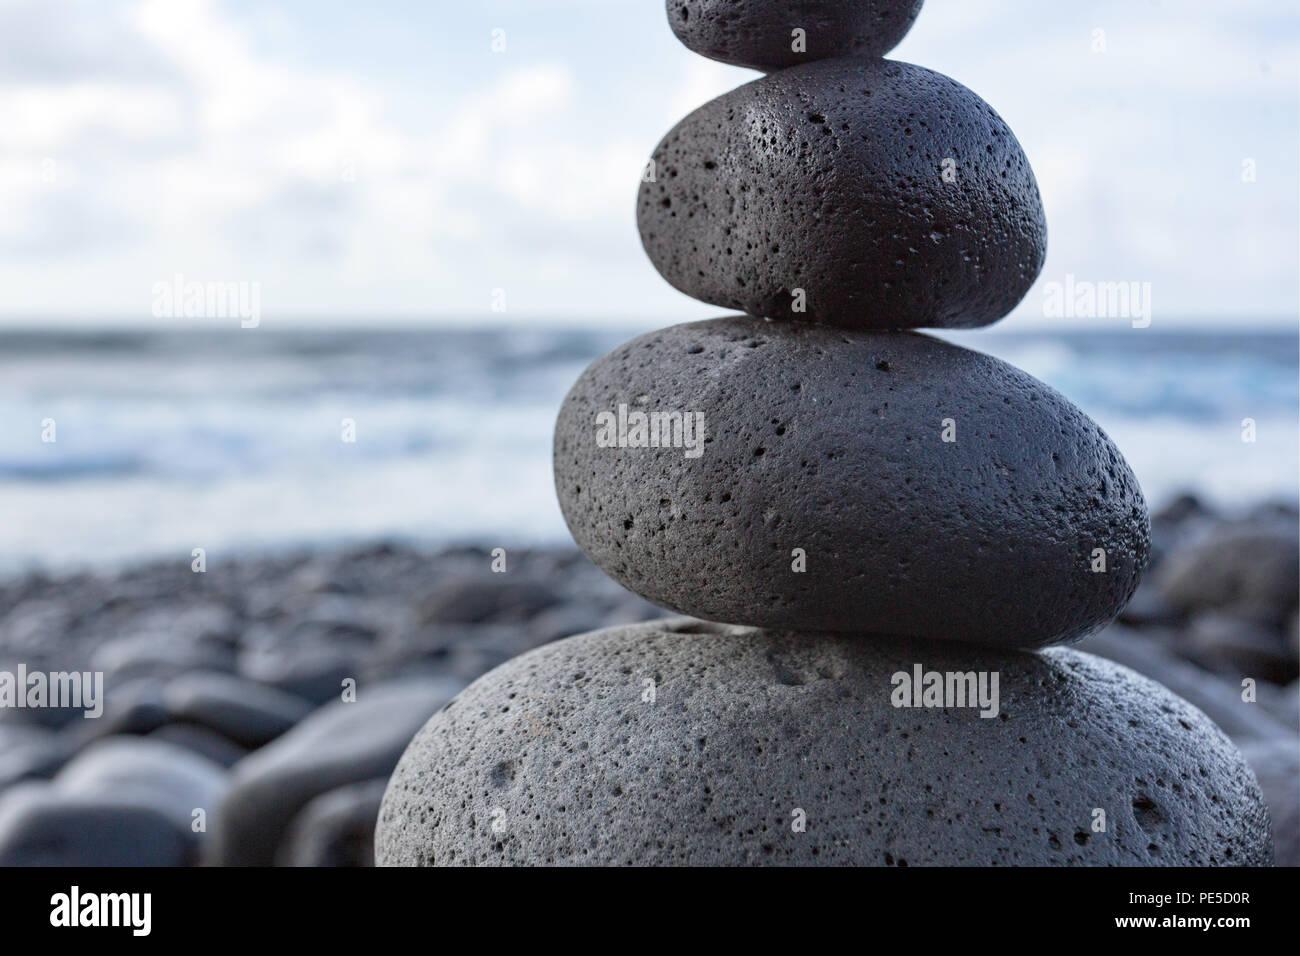 Détail de pierres empilées équilibré ou des cailloux sur une plage de l'horizon à l'arrière-plan. Photo Stock